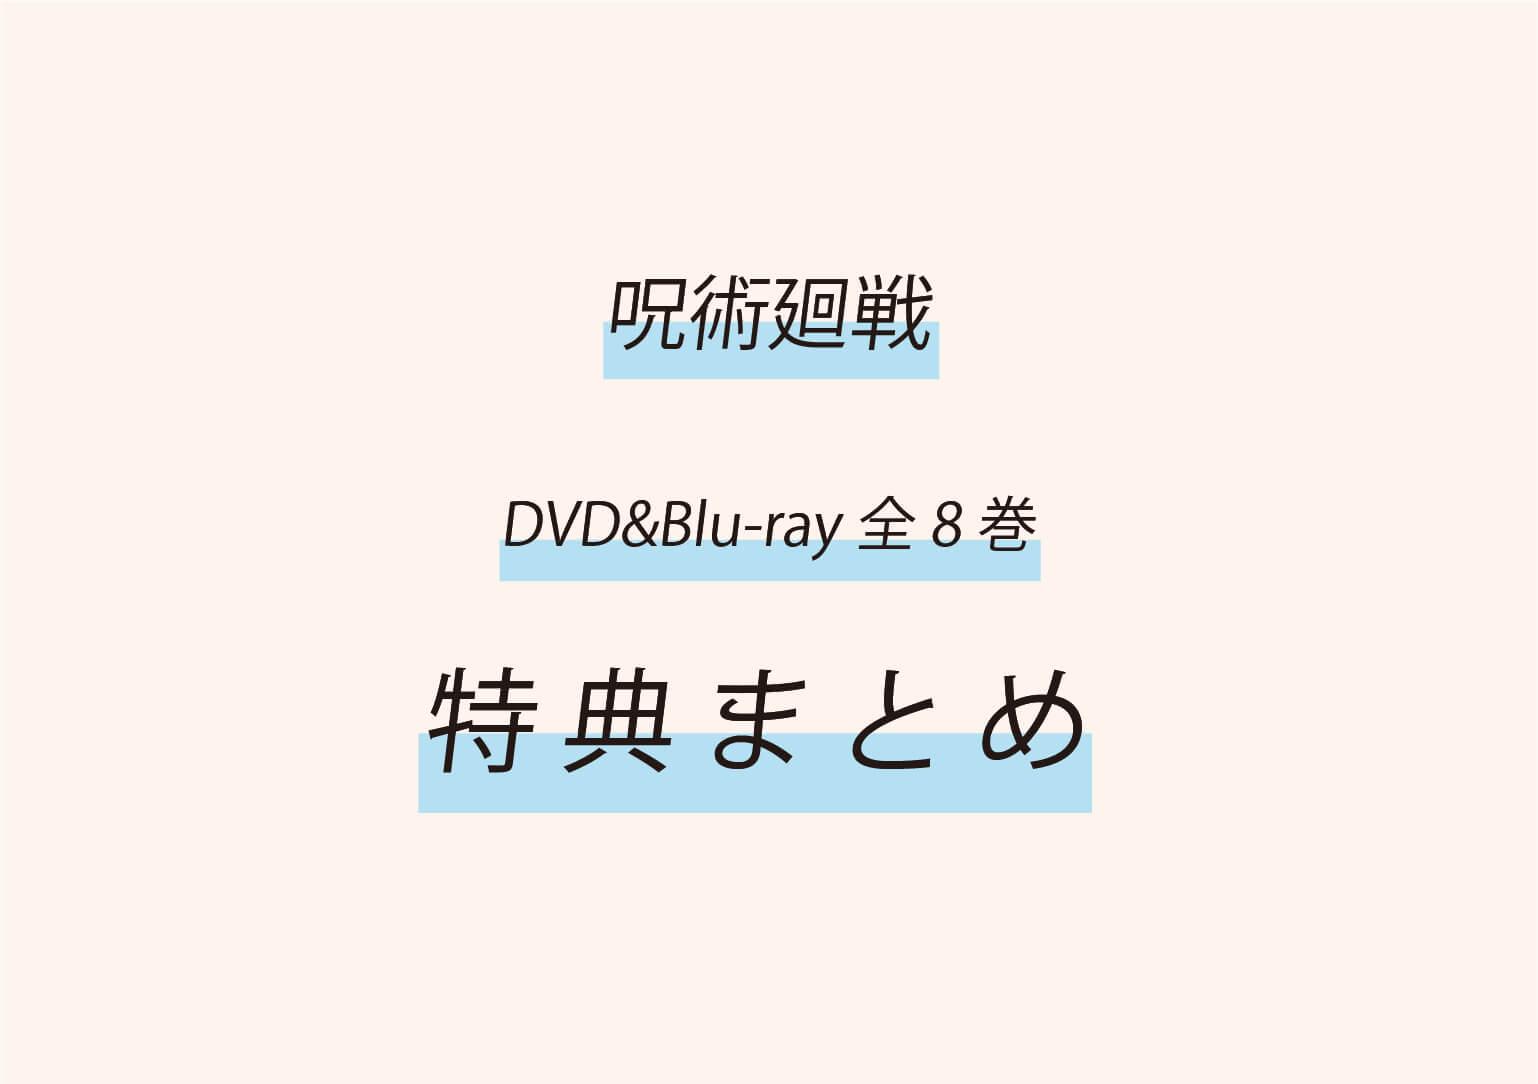 呪術廻戦DVD&ブルーレイの特典/予約/全巻の値段(最安値)がまるわかり!